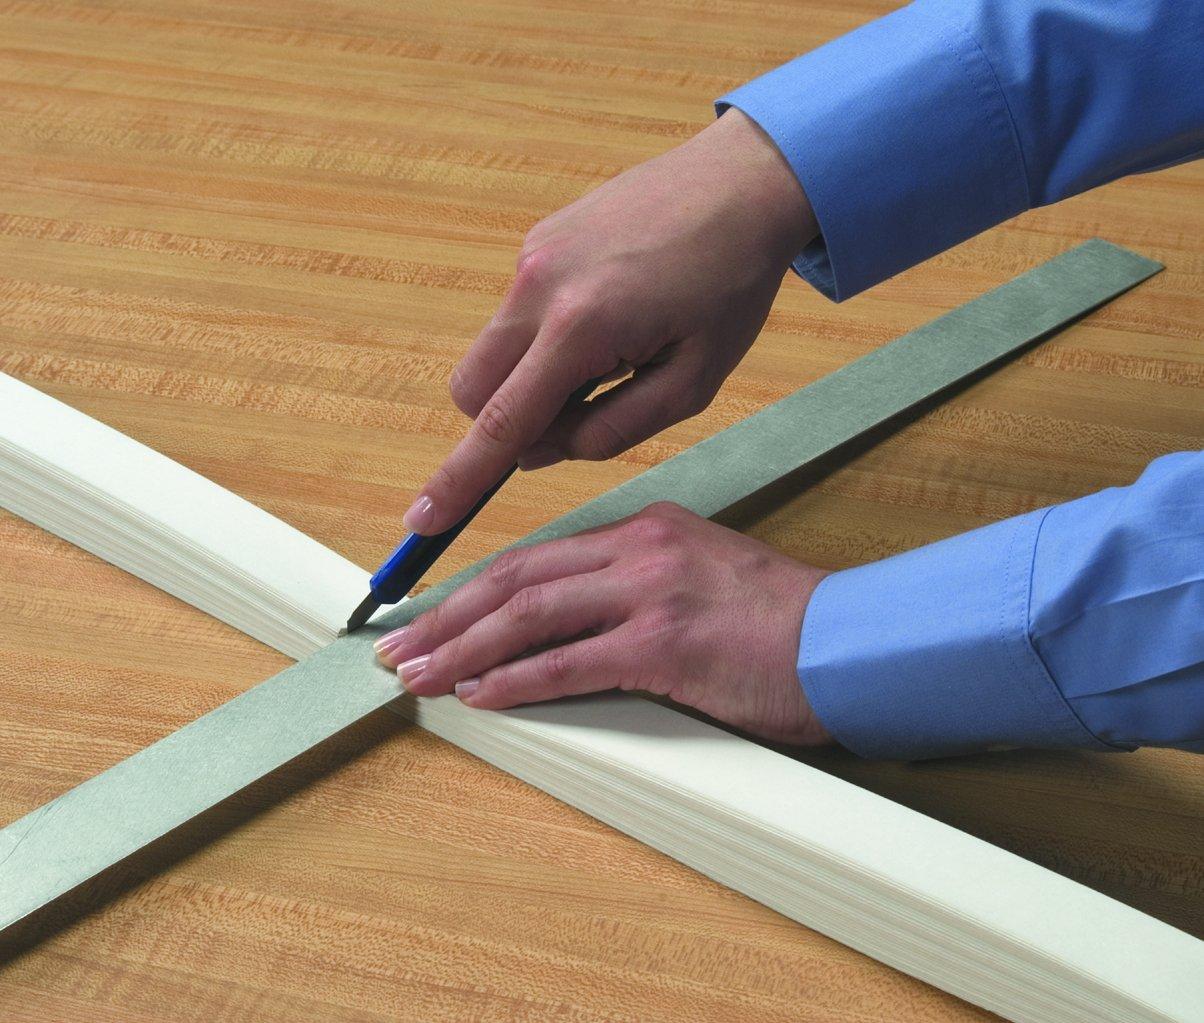 Quick Fix Redi Shade Adhesive White Fabric Window Shade Blind Curtain 36 X 72 Ebay